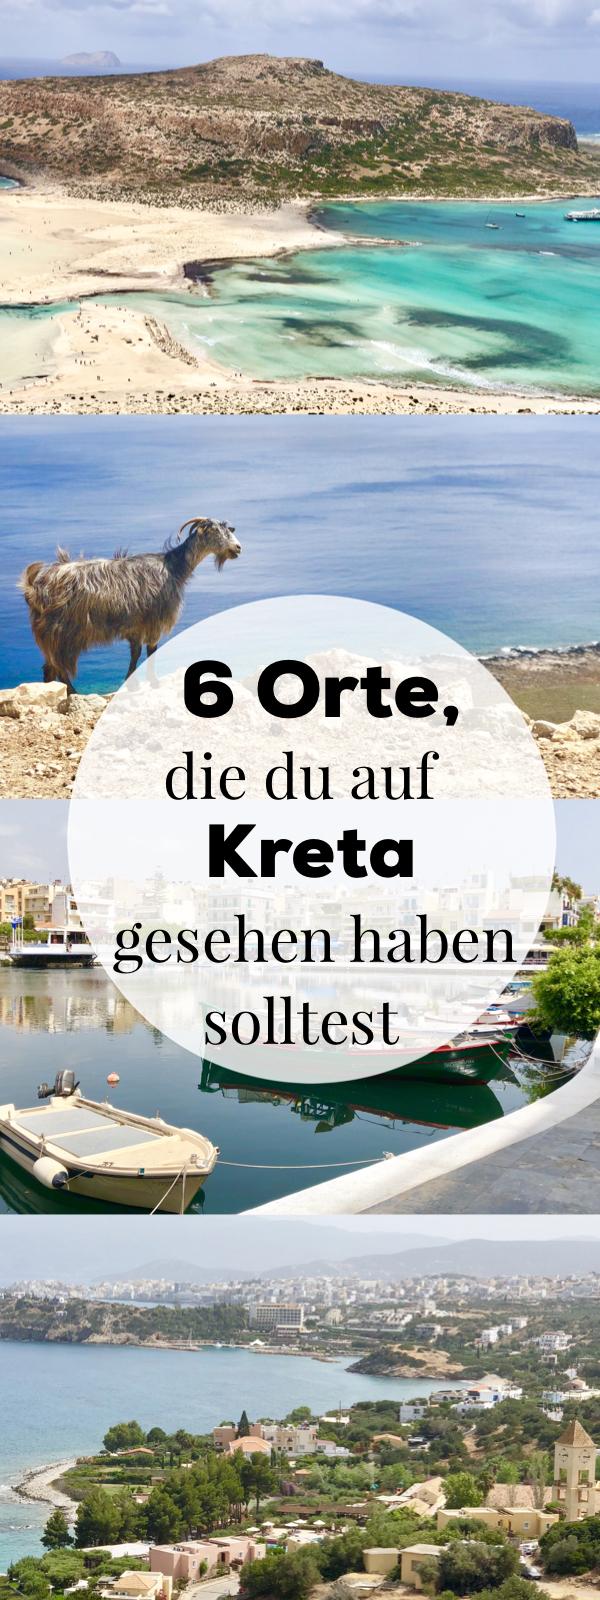 Reisetipps für den Kreta Urlaub